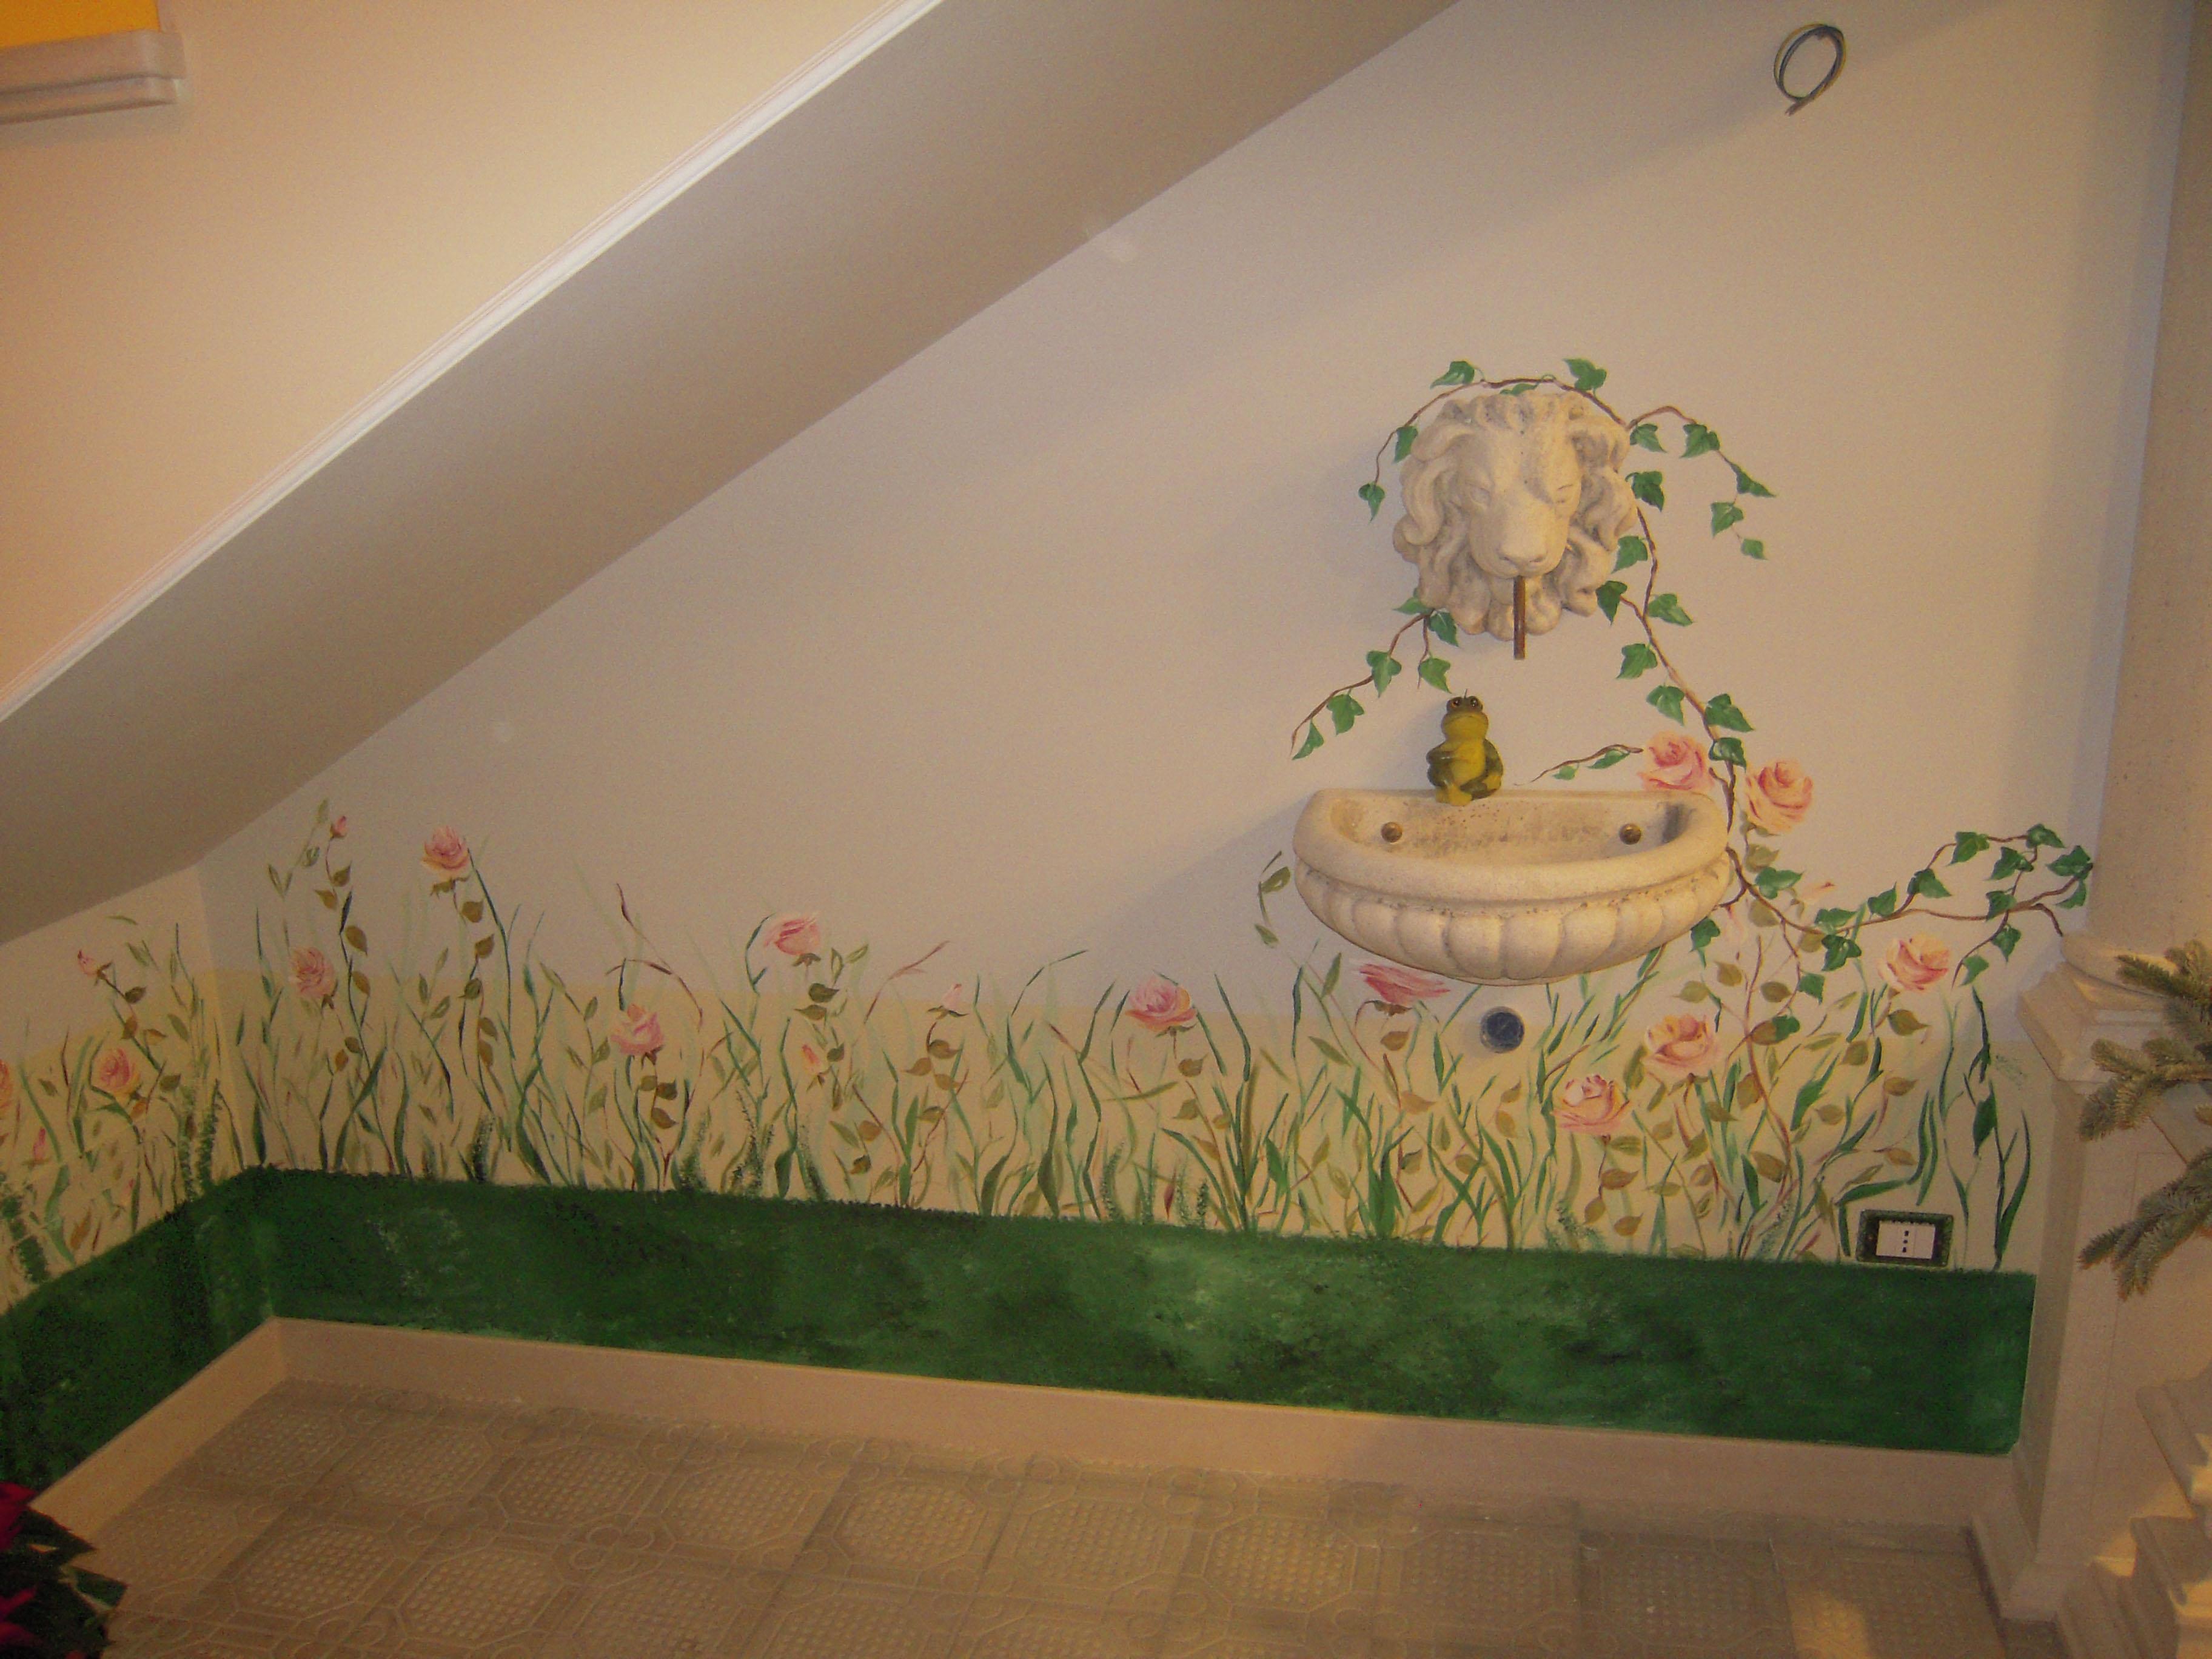 Pin decorazioni per pareti stencil e pittura foto 4040 - Decorazioni x pareti ...